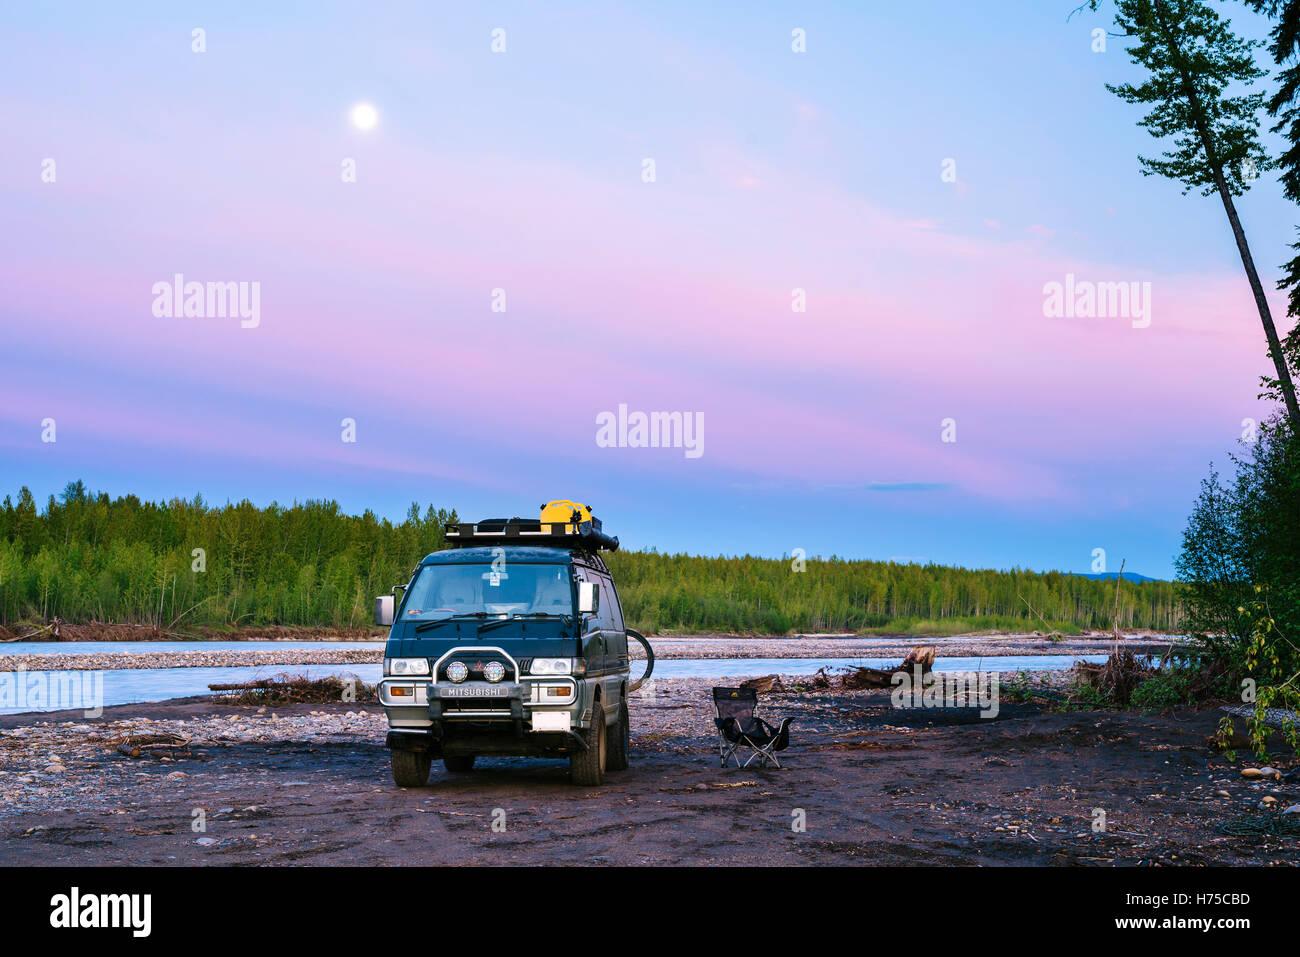 Una Delica Mitsubishi L300 autocaravana estacionada junto al río Muskwa en el norte de British Columbia, Canadá Imagen De Stock